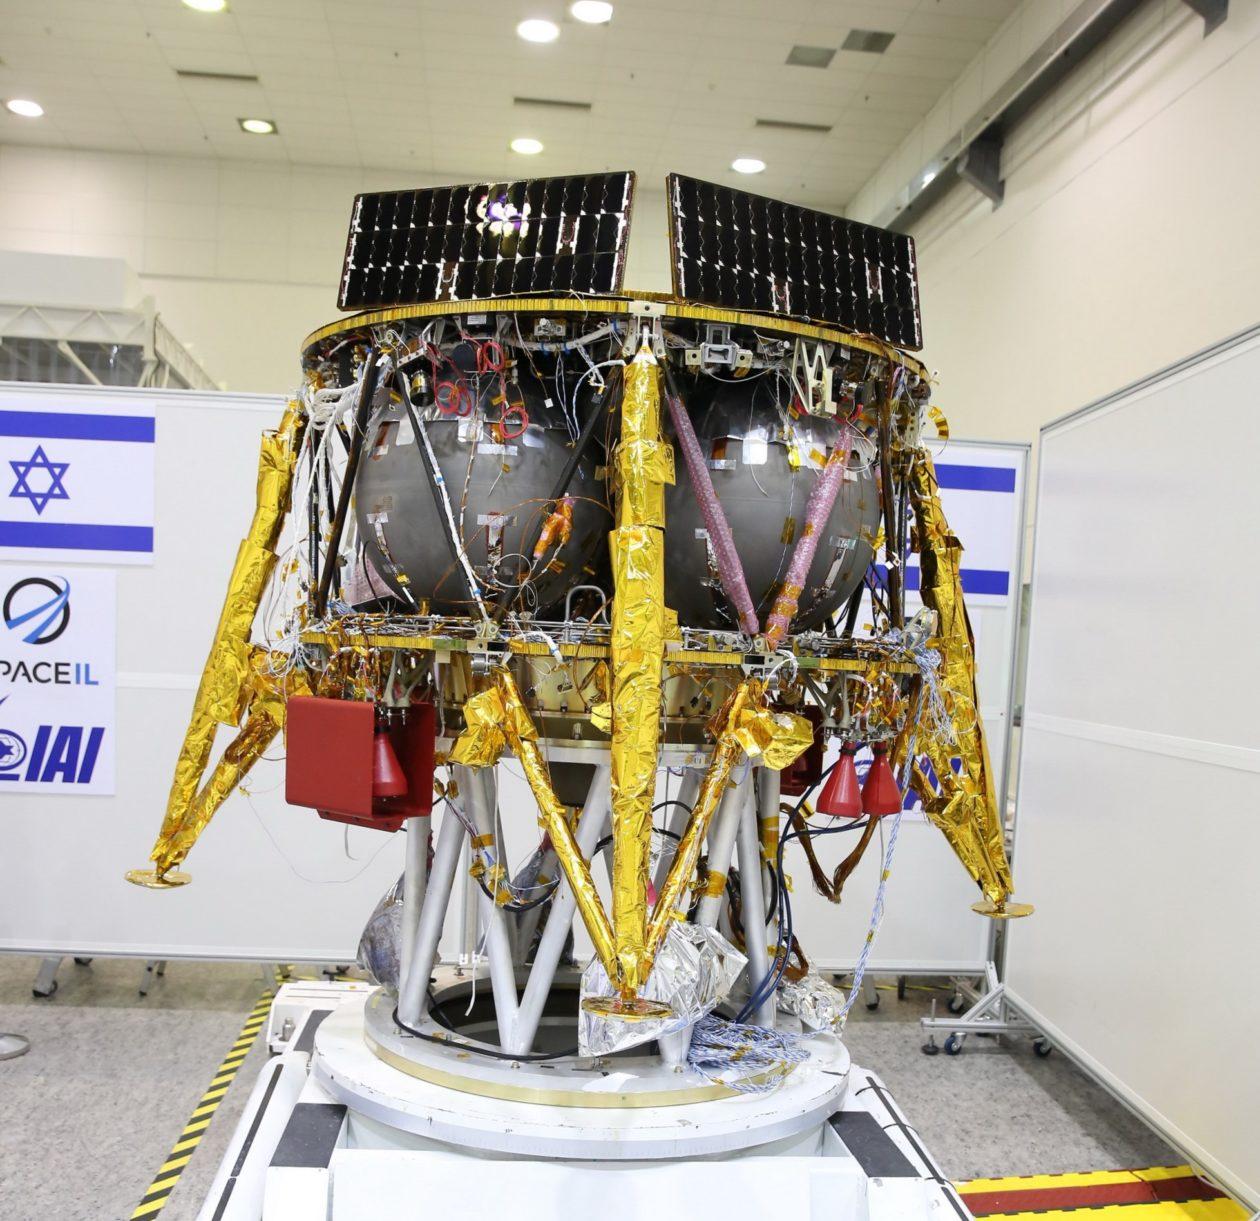 spaceil lunar lander - photo #1